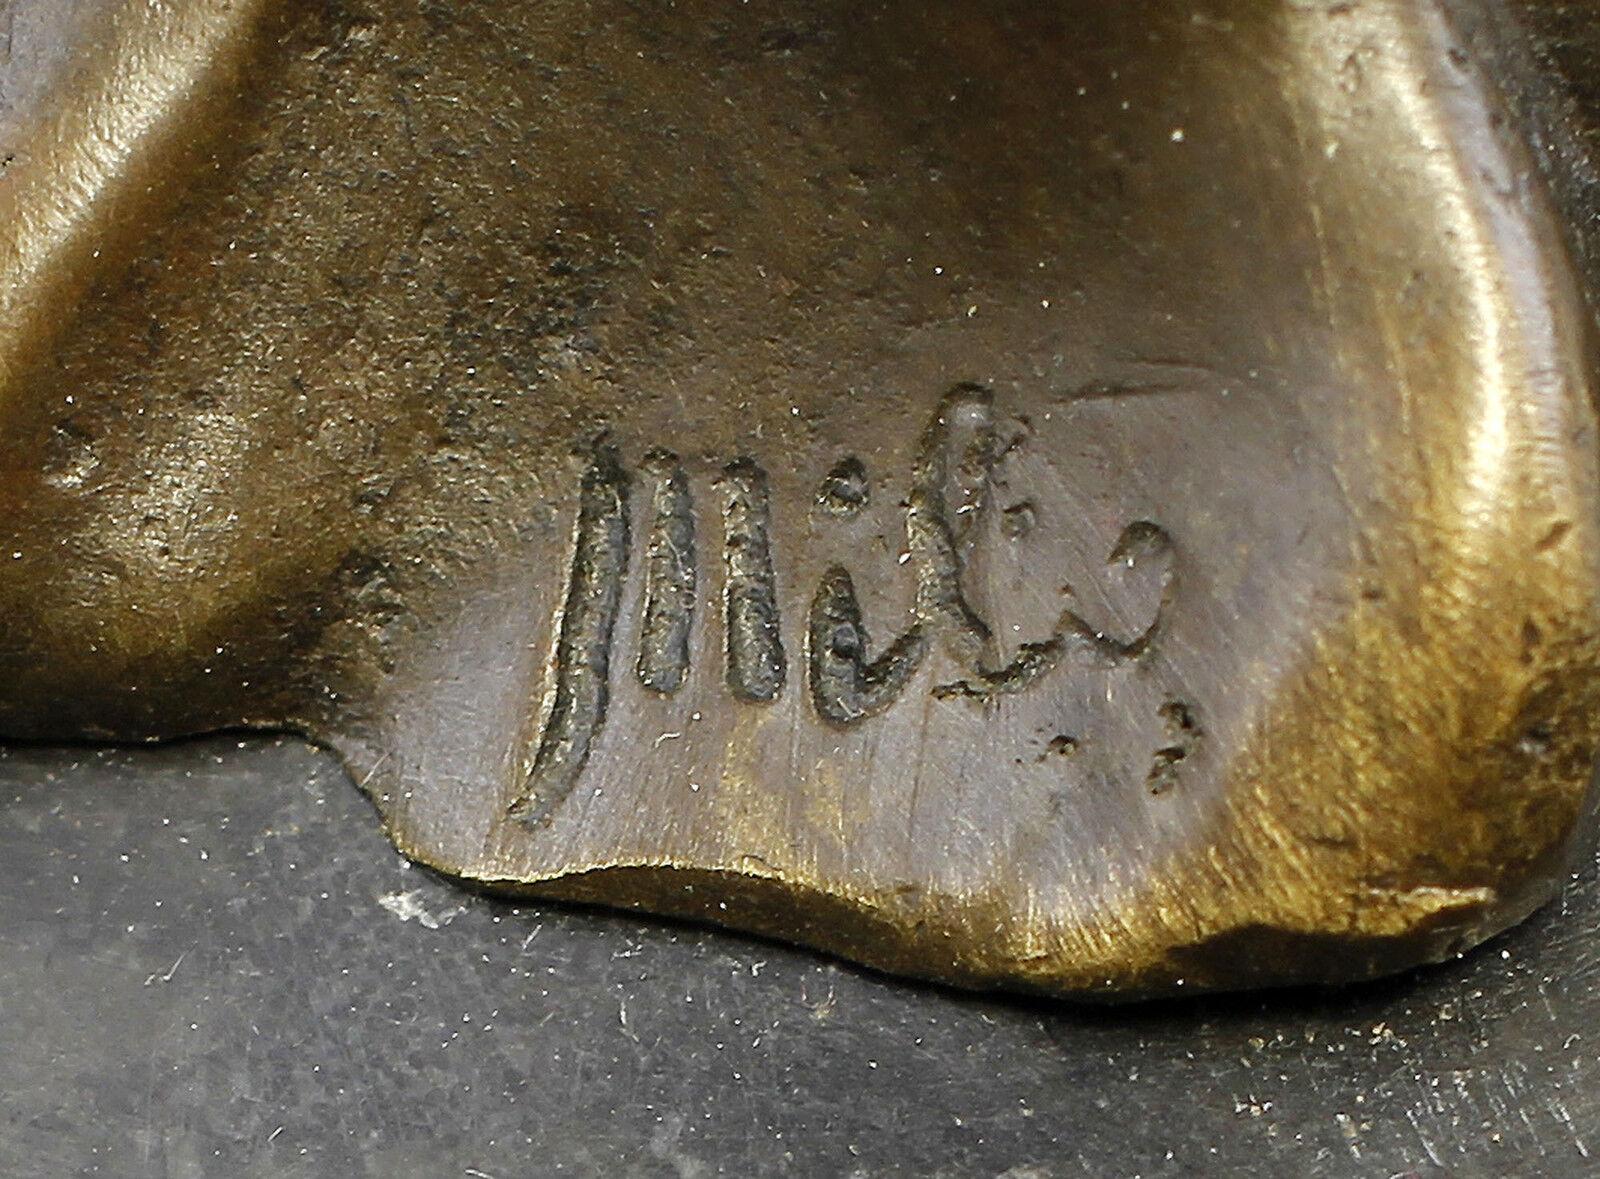 9937569-dss 9937569-dss 9937569-dss Bronze Langbeinige Schönheit als Leuchter abb925